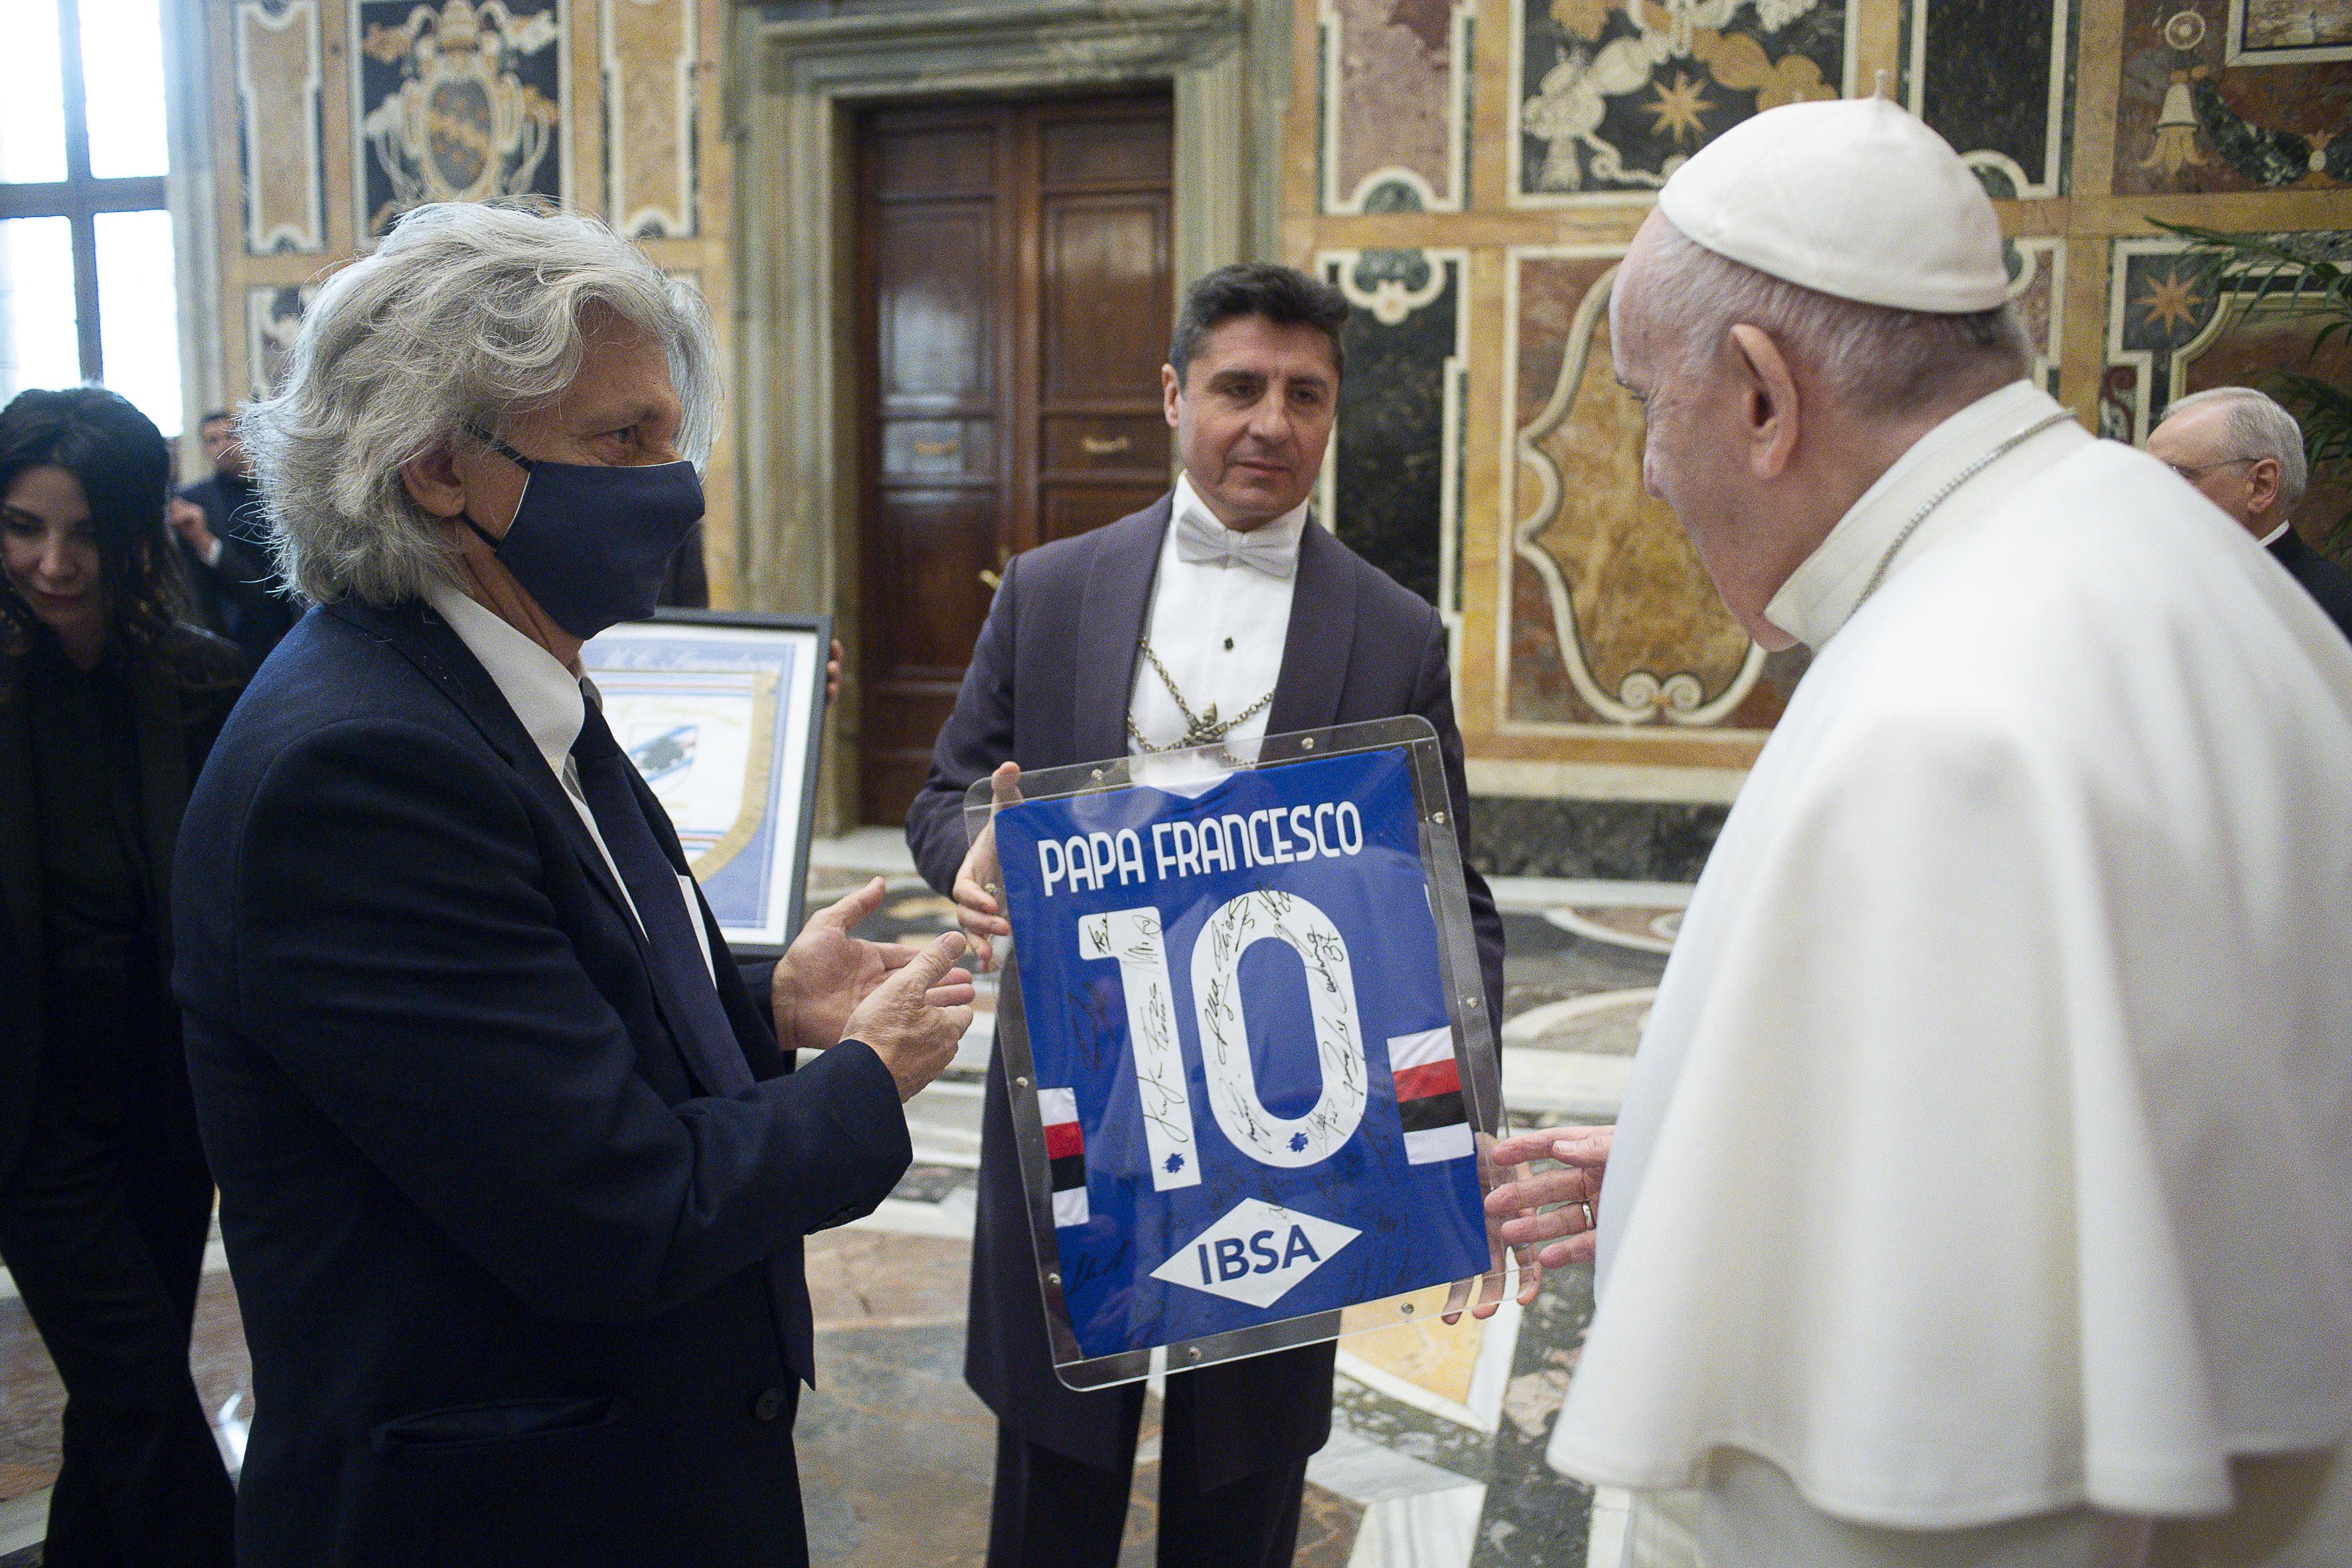 """<p style=""""text-align: justify;"""">Papa Francesco ha ricevuto oggi in Vaticano i dirigenti e i calciatori della Sampdoria. L&#39;udienza si &egrave; svolta nella Sala Clementina del Palazzo apostolico vaticano. &quot;Grazie della visita - ha detto Jorge Bergoglio alla squadra di Ranieri&nbsp;-.&nbsp;Vorrei soltanto dirvi che sono contento&nbsp;e dirvi che lo sport, e anche il calcio, &egrave;&nbsp;una strada di vita, di maturit&agrave;&nbsp;e di santit&agrave;. Si pu&ograve;&nbsp;andare avanti,&nbsp;ma mai si pu&ograve;&nbsp;andare avanti da soli, sempre in squadra, questo &egrave;&nbsp;importante. Le vittorie pi&ugrave;&nbsp;belle sono quelle della squadra. Da noi, al giocatore che gioca per se&nbsp;stesso, diciamo che &#39;si mangia il pallone&#39;. Lo prende&nbsp;e non guarda gli altri. Inoltre&nbsp;non bisogna perdere&nbsp;lo sport amatoriale, lo sport che nasce proprio dalla vocazione di farlo. Gli altri interessi sono secondari. Vi auguro tutto questo. Pregher&ograve;&nbsp;per voi&nbsp;e vi chiedo di pregare per me&quot;.<br /><br />"""